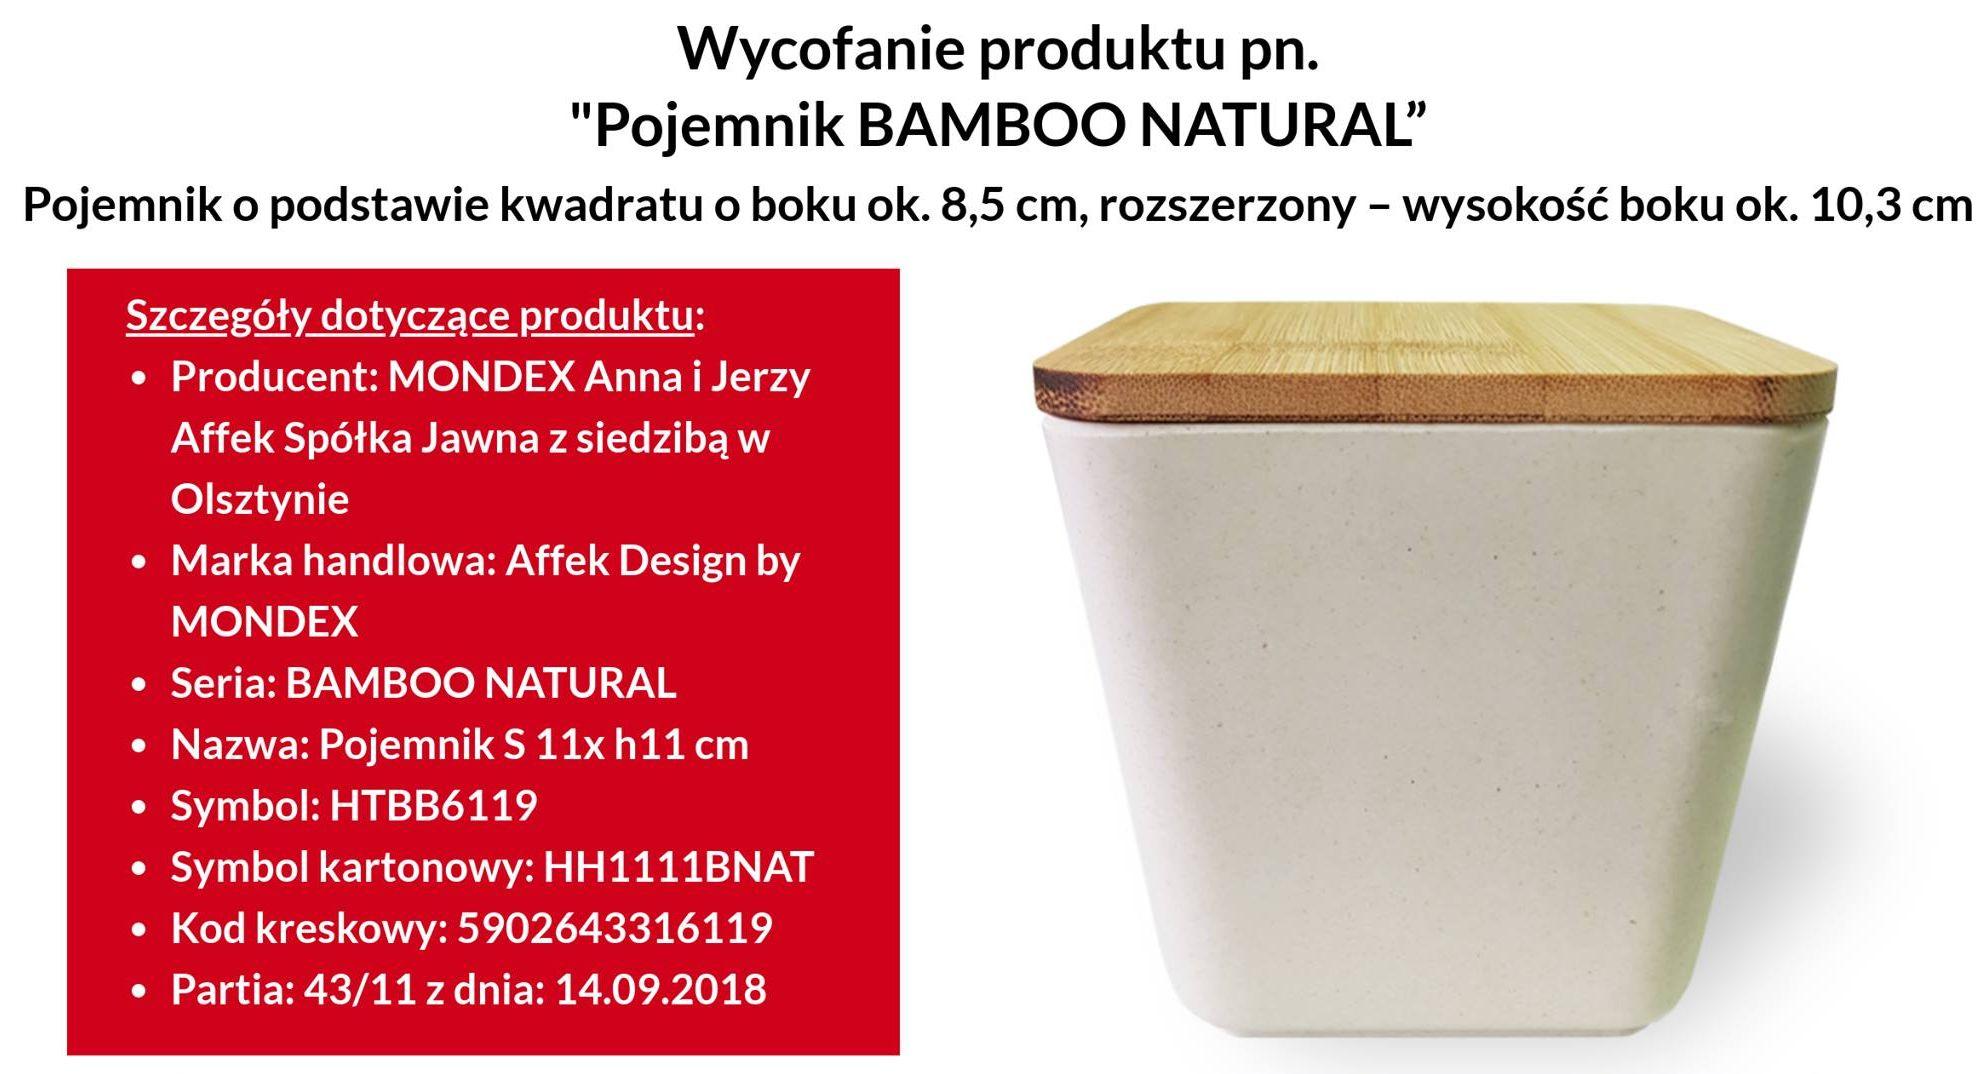 ee4002388b1cad Uwaga, ważne! Wycofanie ze sprzedaży pojemnika Bamboo Natural ...